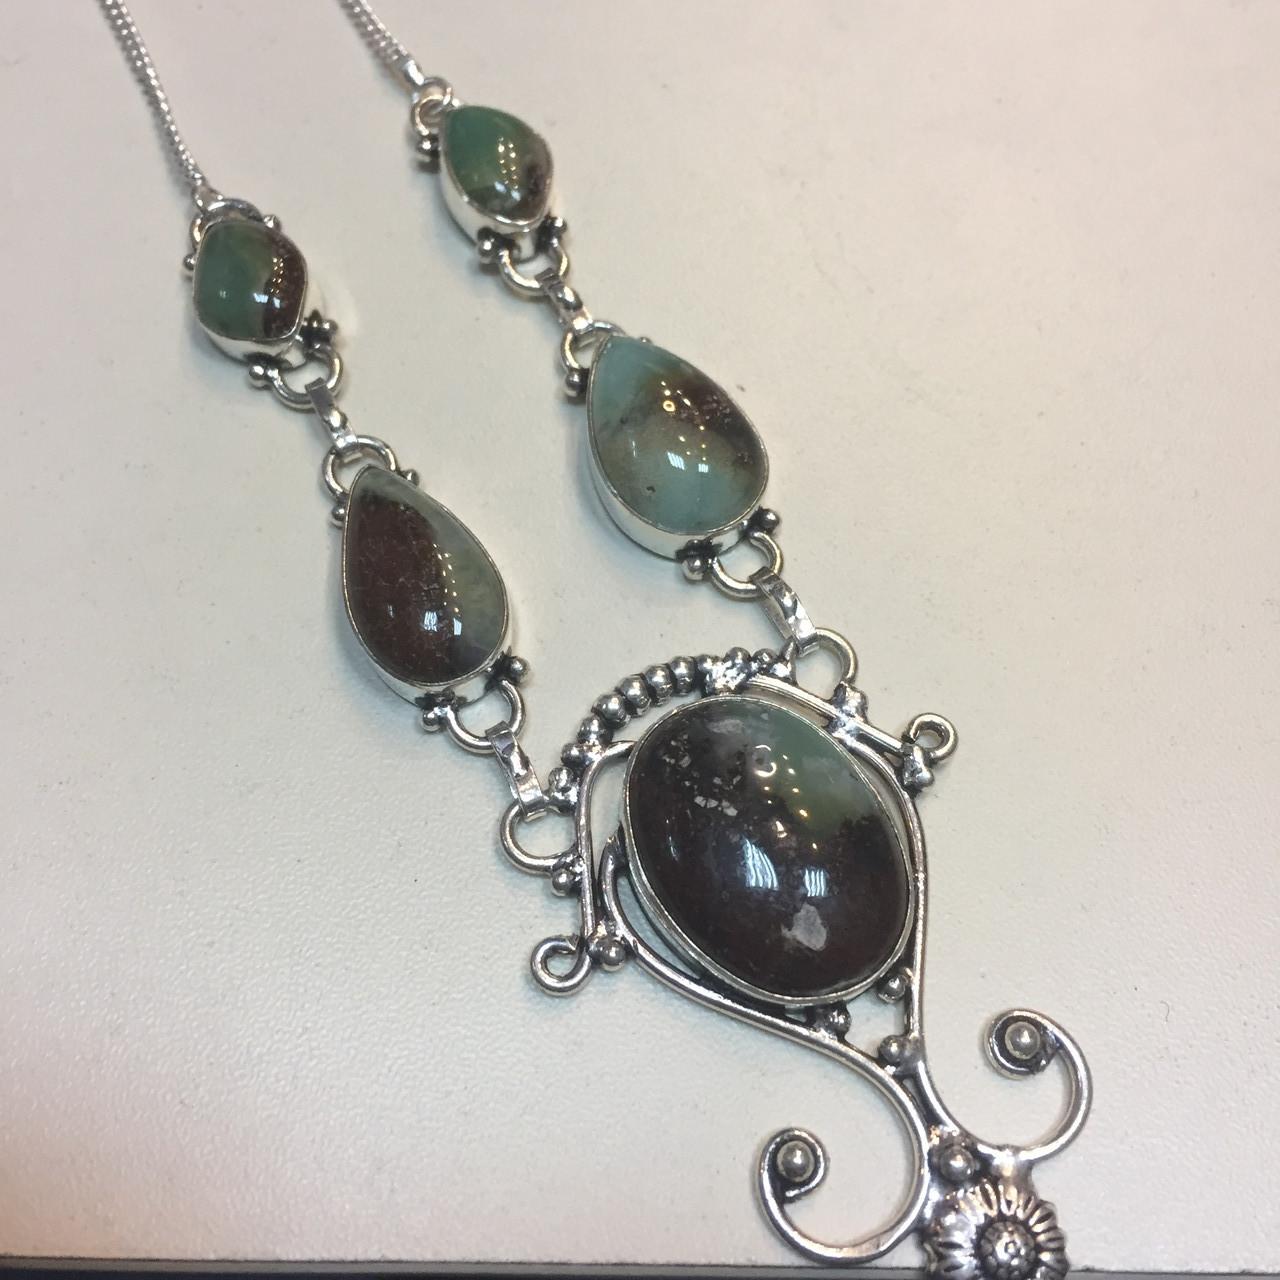 Хризопраз ожерелье с природным хризопразом в серебре Индия не стекло